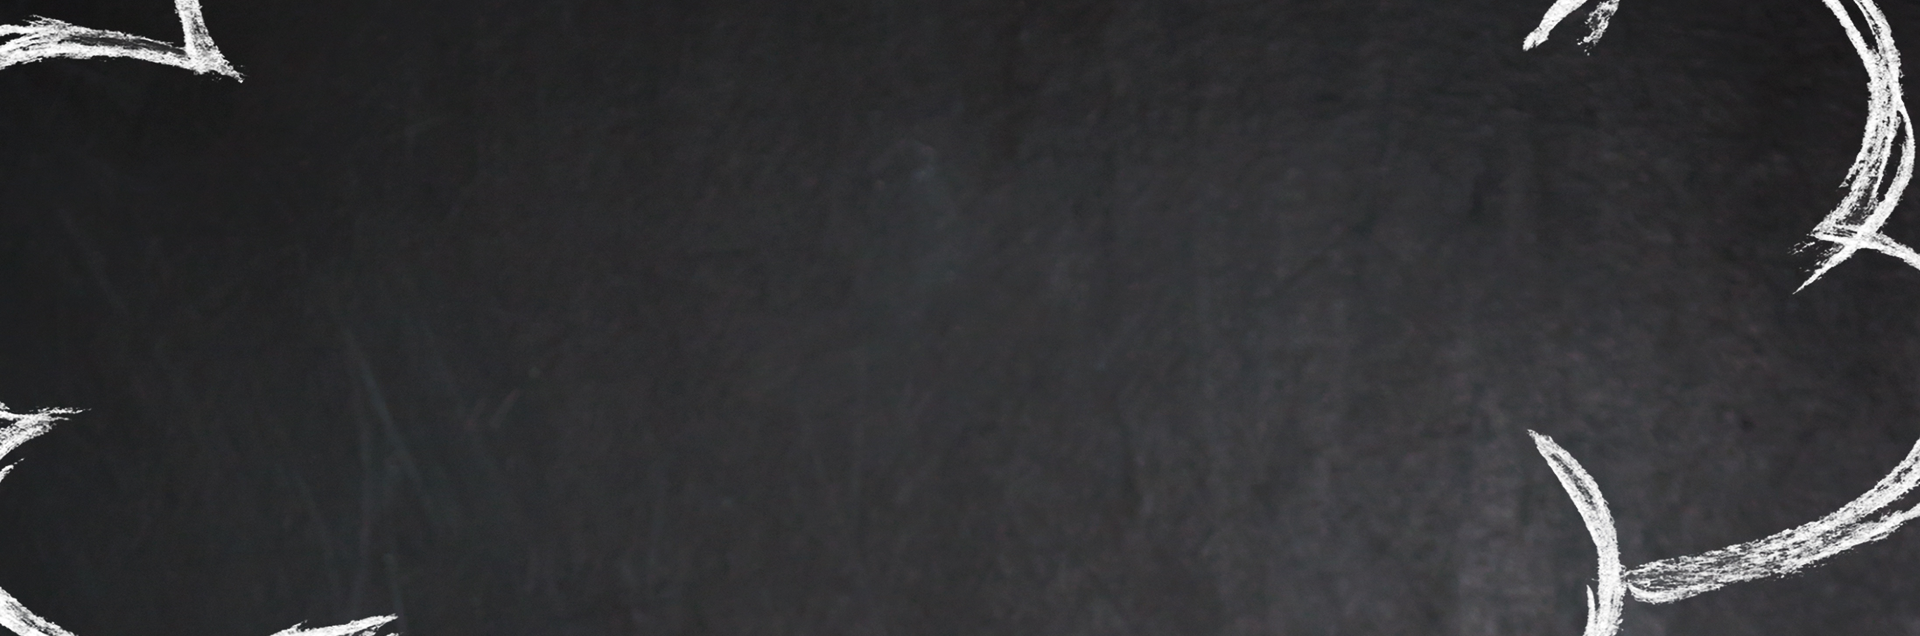 siyah-arka-plan